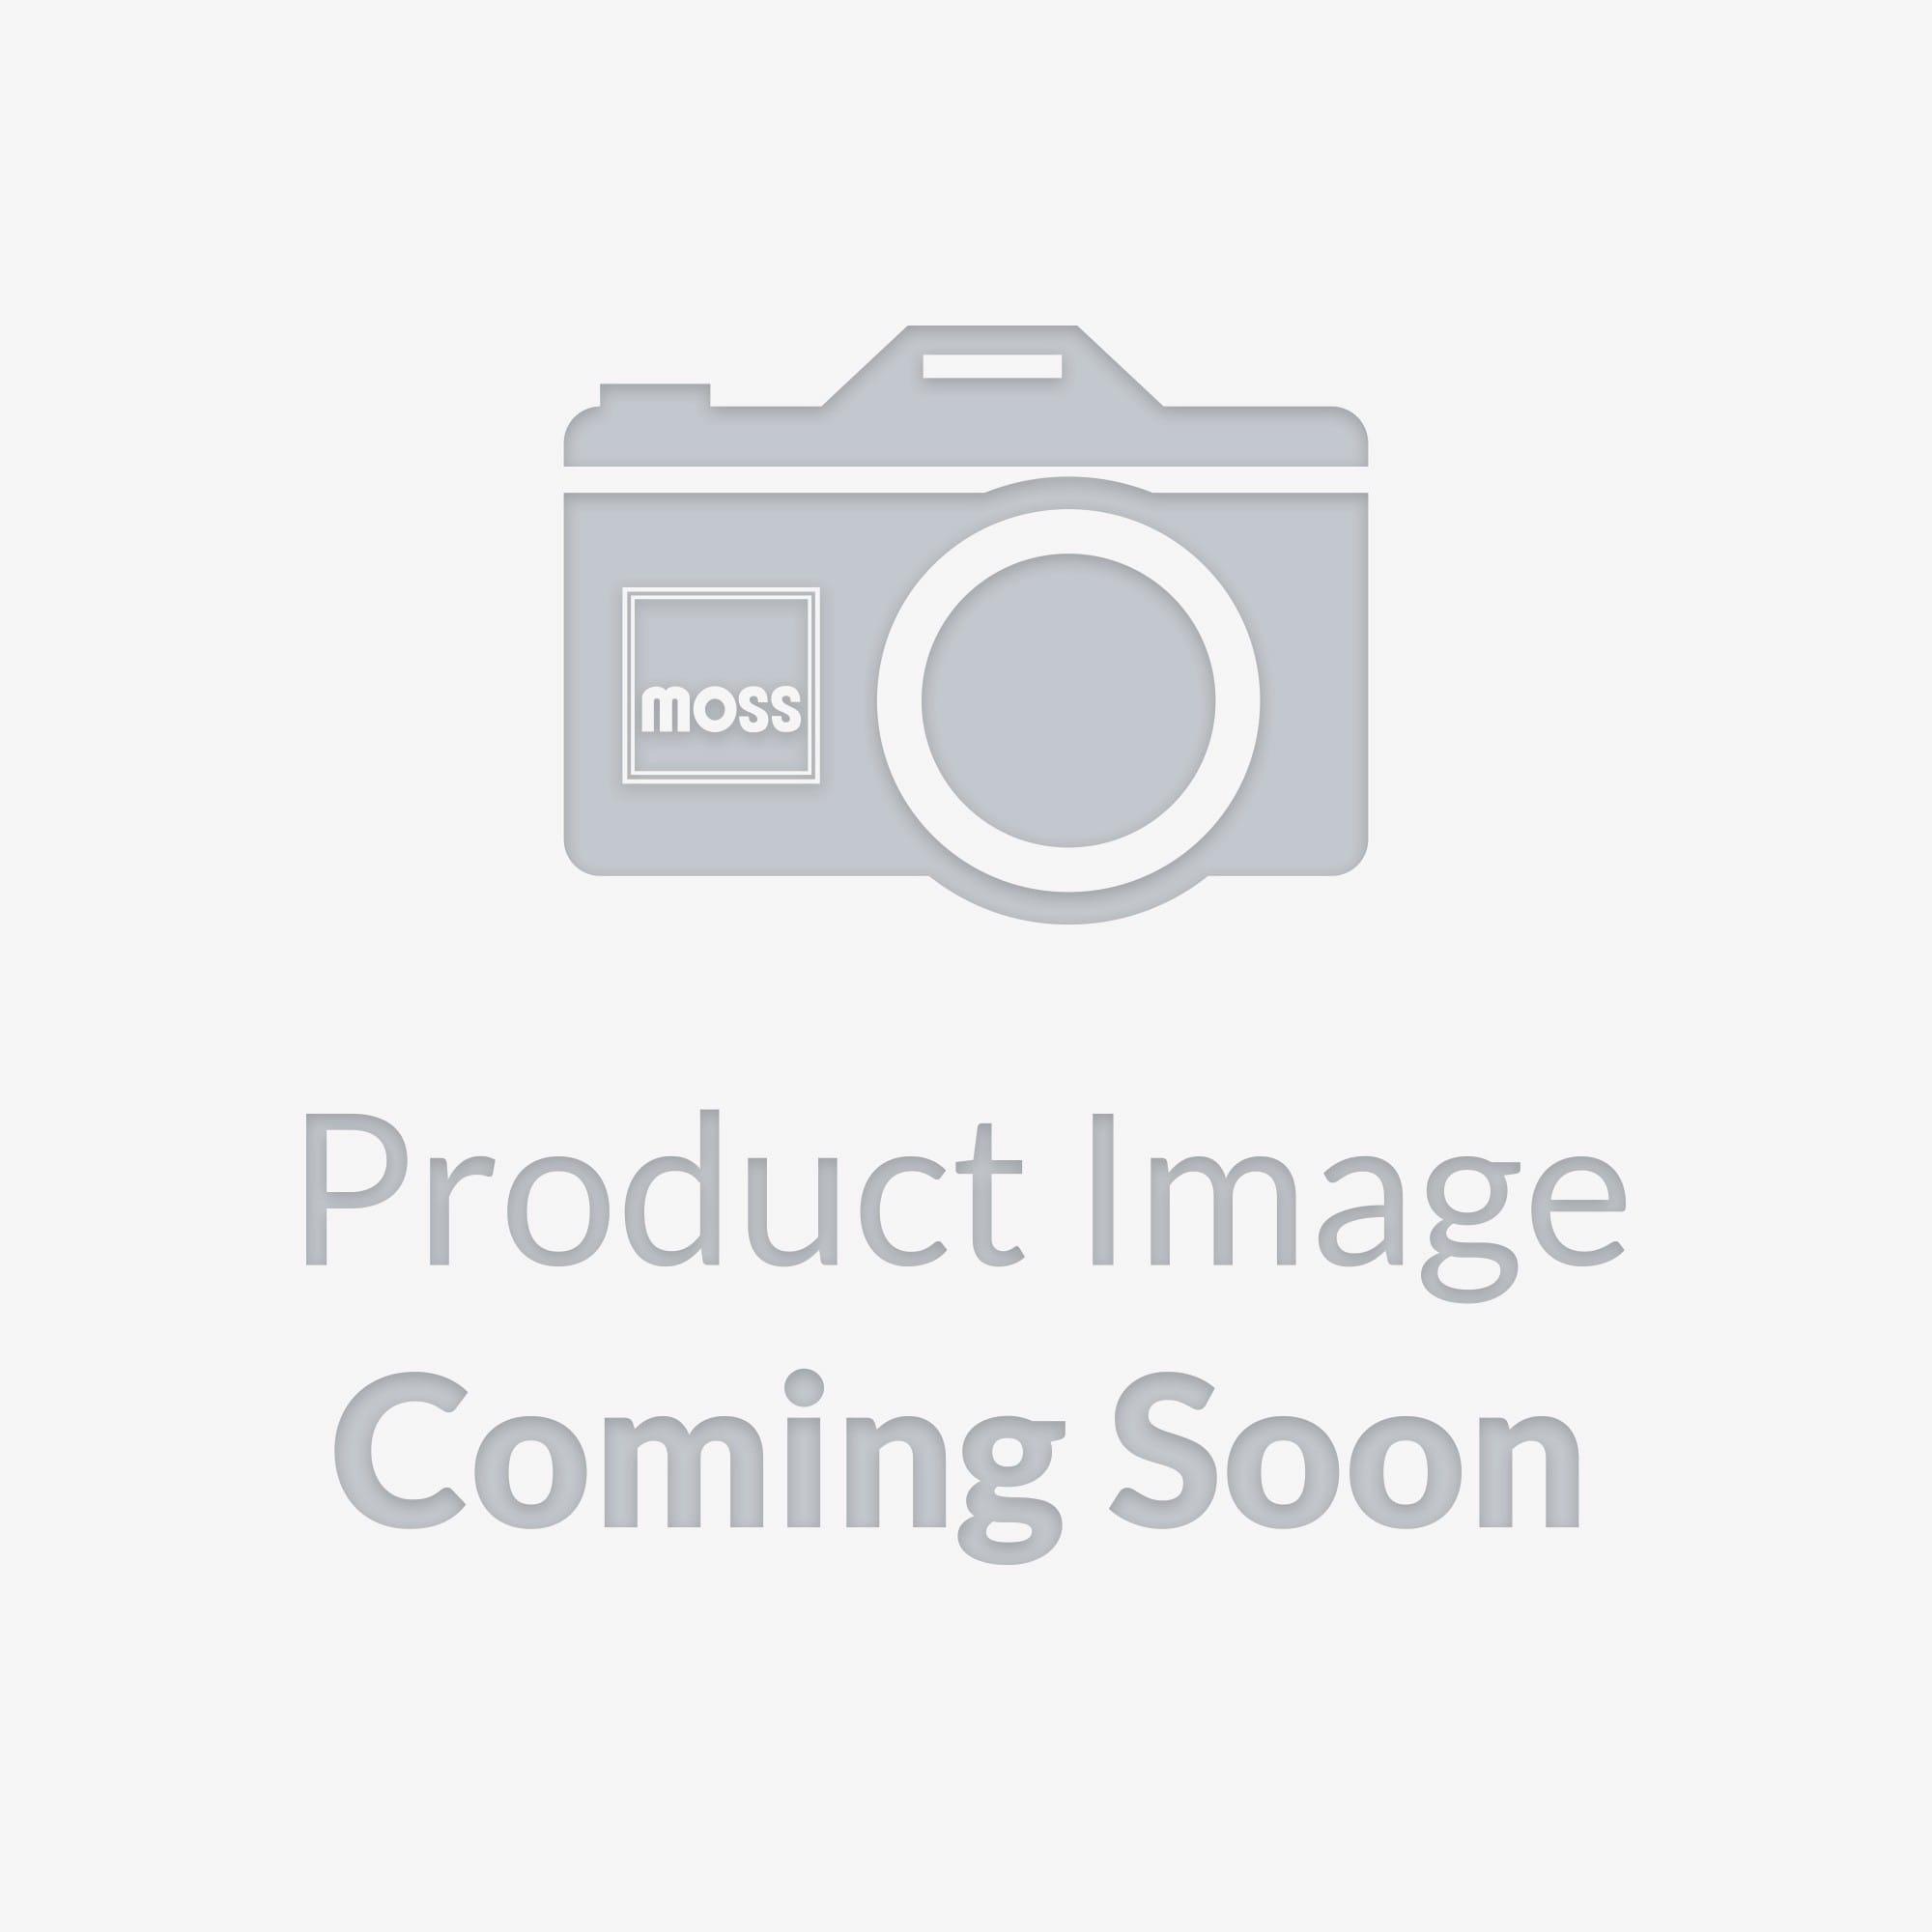 Mgb Wiring Harness Tape : Mg td wiring moss harness mgb